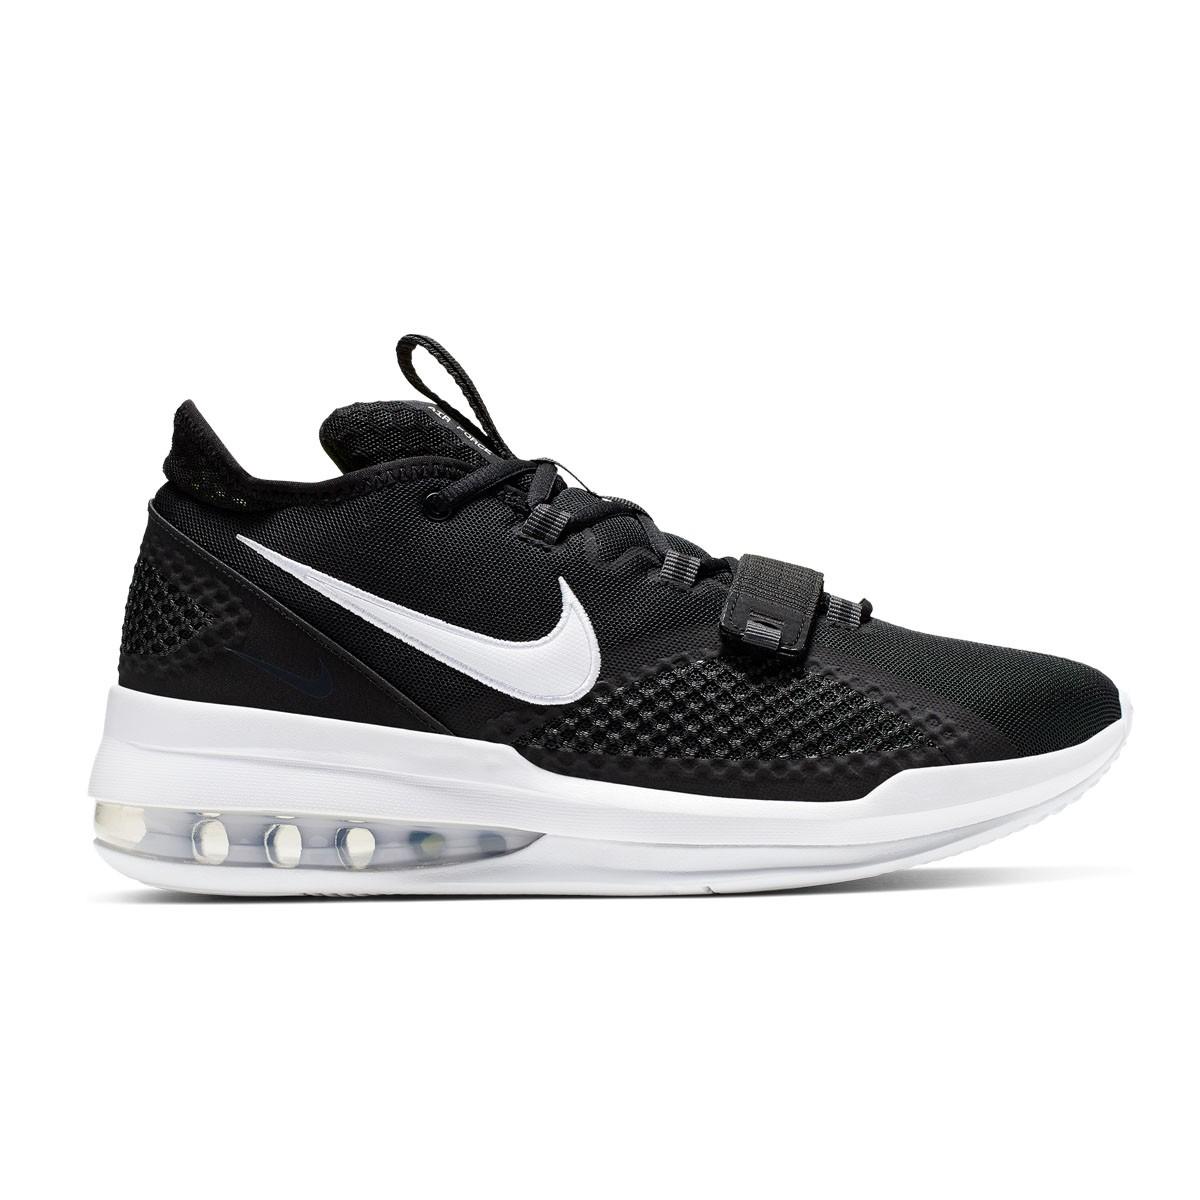 Nike Air Force Max Low 'Black'